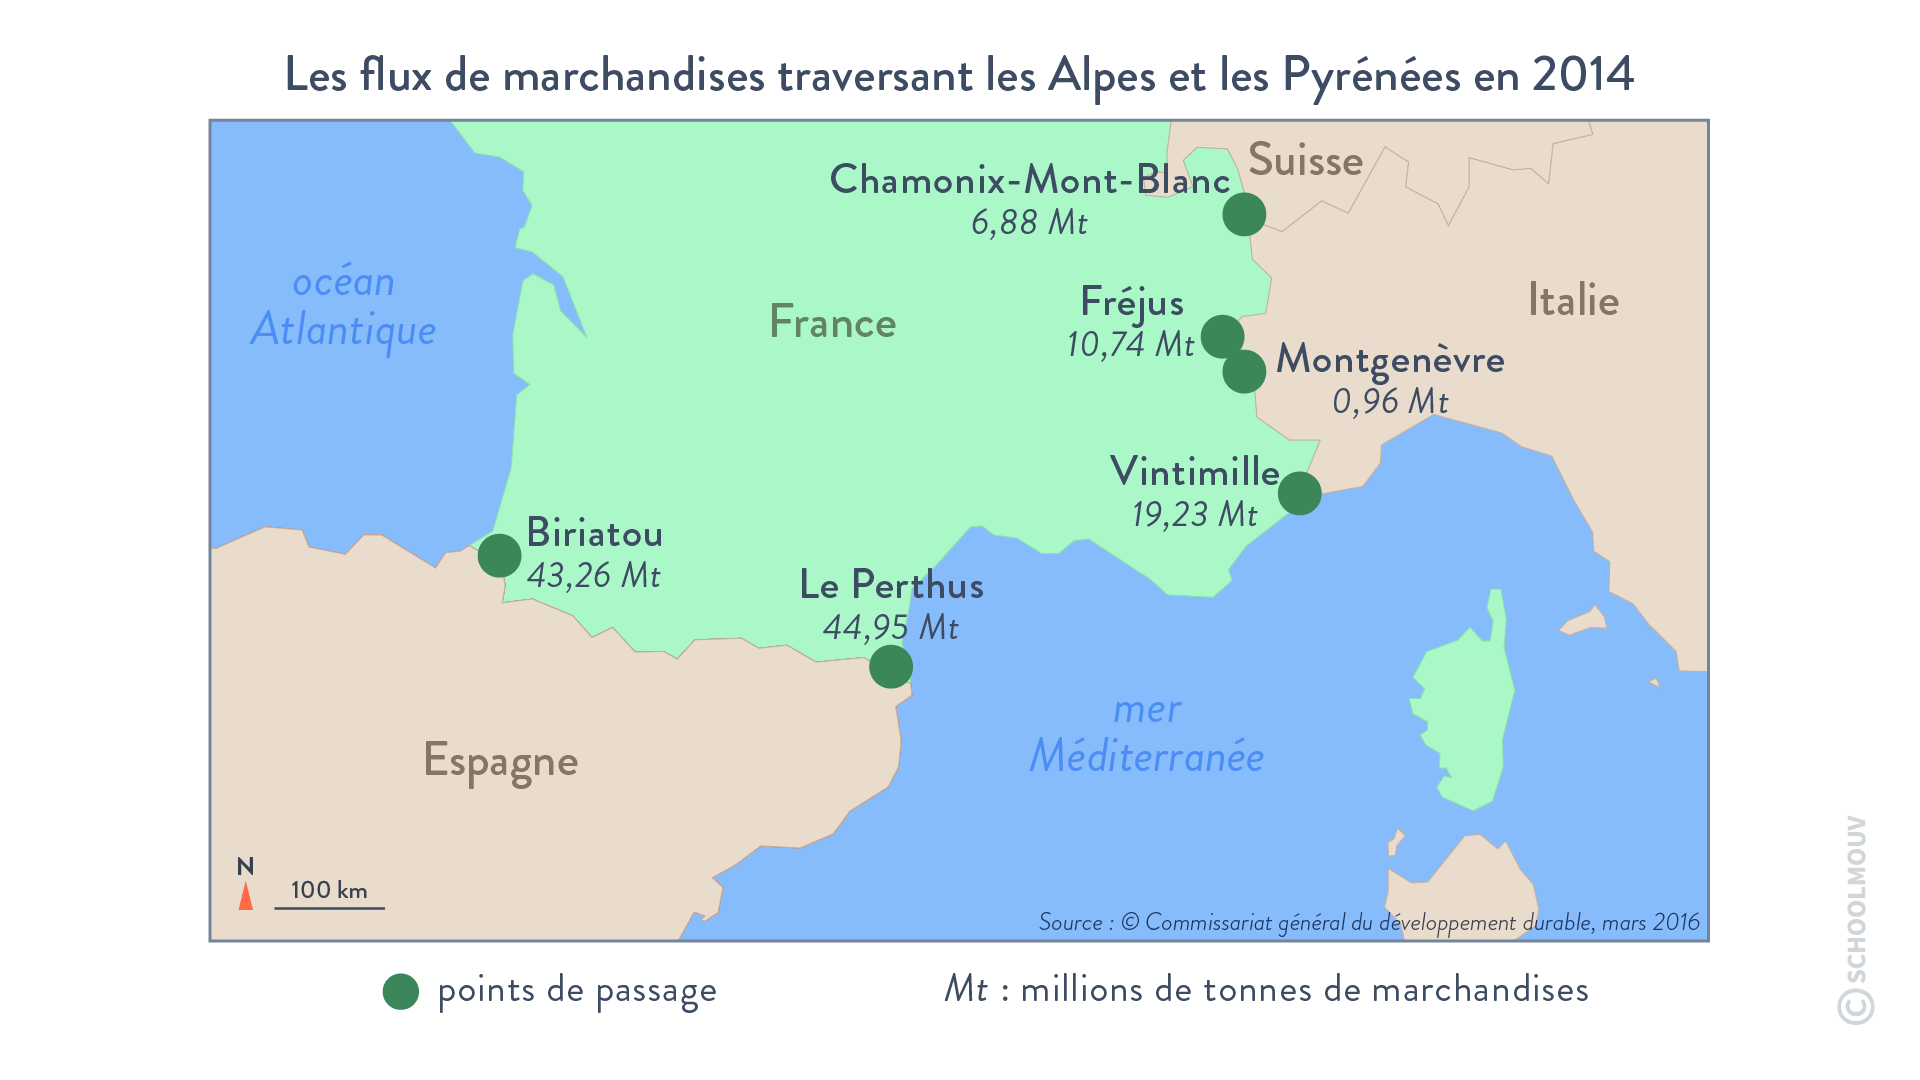 Les flux de marchandises traversant les Alpes et les Pyrénées en 2014 - Géographie - Terminale - SchoolMouv